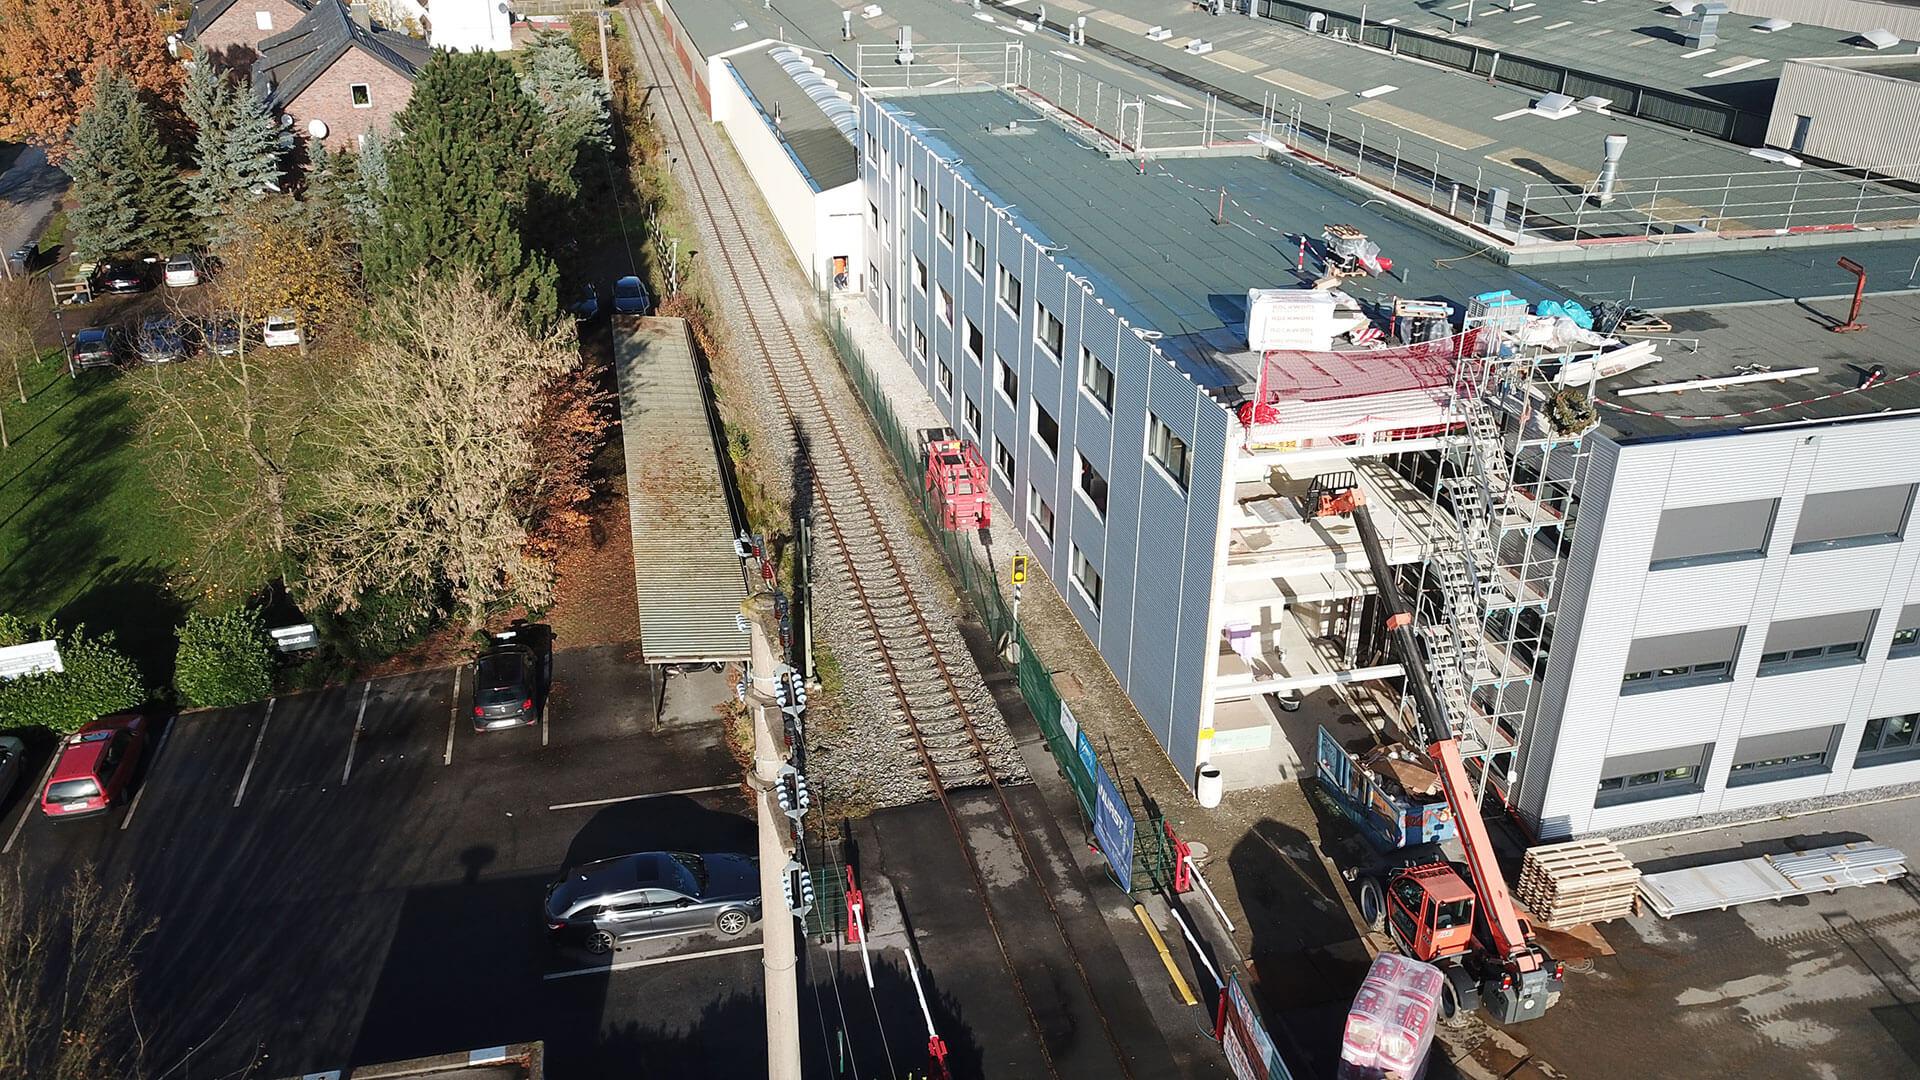 Neues Verwaltungsgebäude in Bohmte